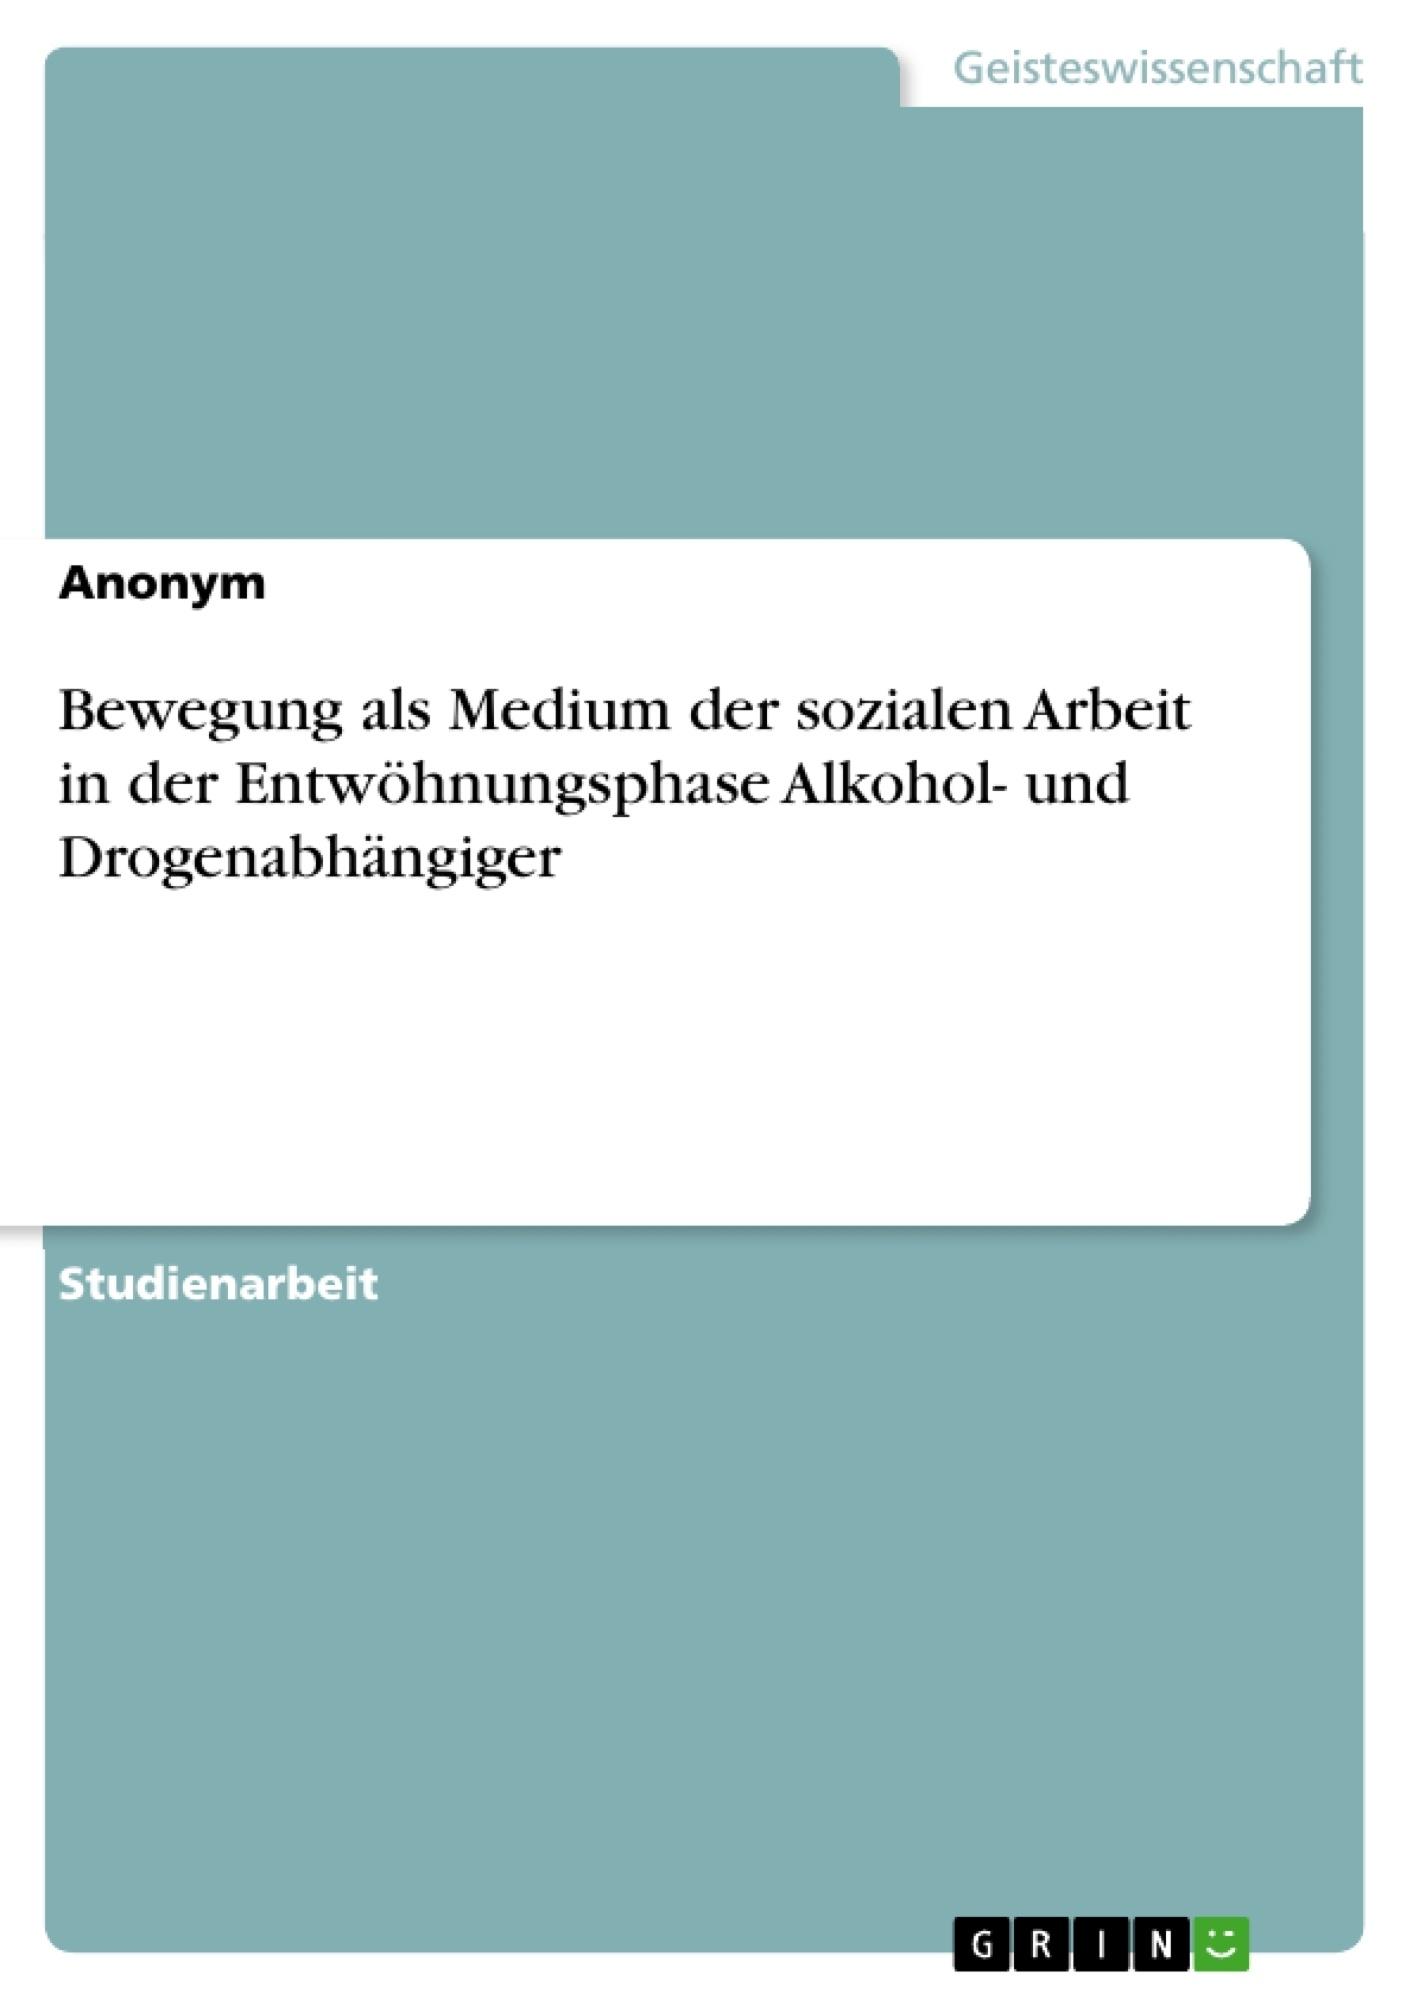 Titel: Bewegung als Medium der sozialen Arbeit in der Entwöhnungsphase Alkohol- und Drogenabhängiger